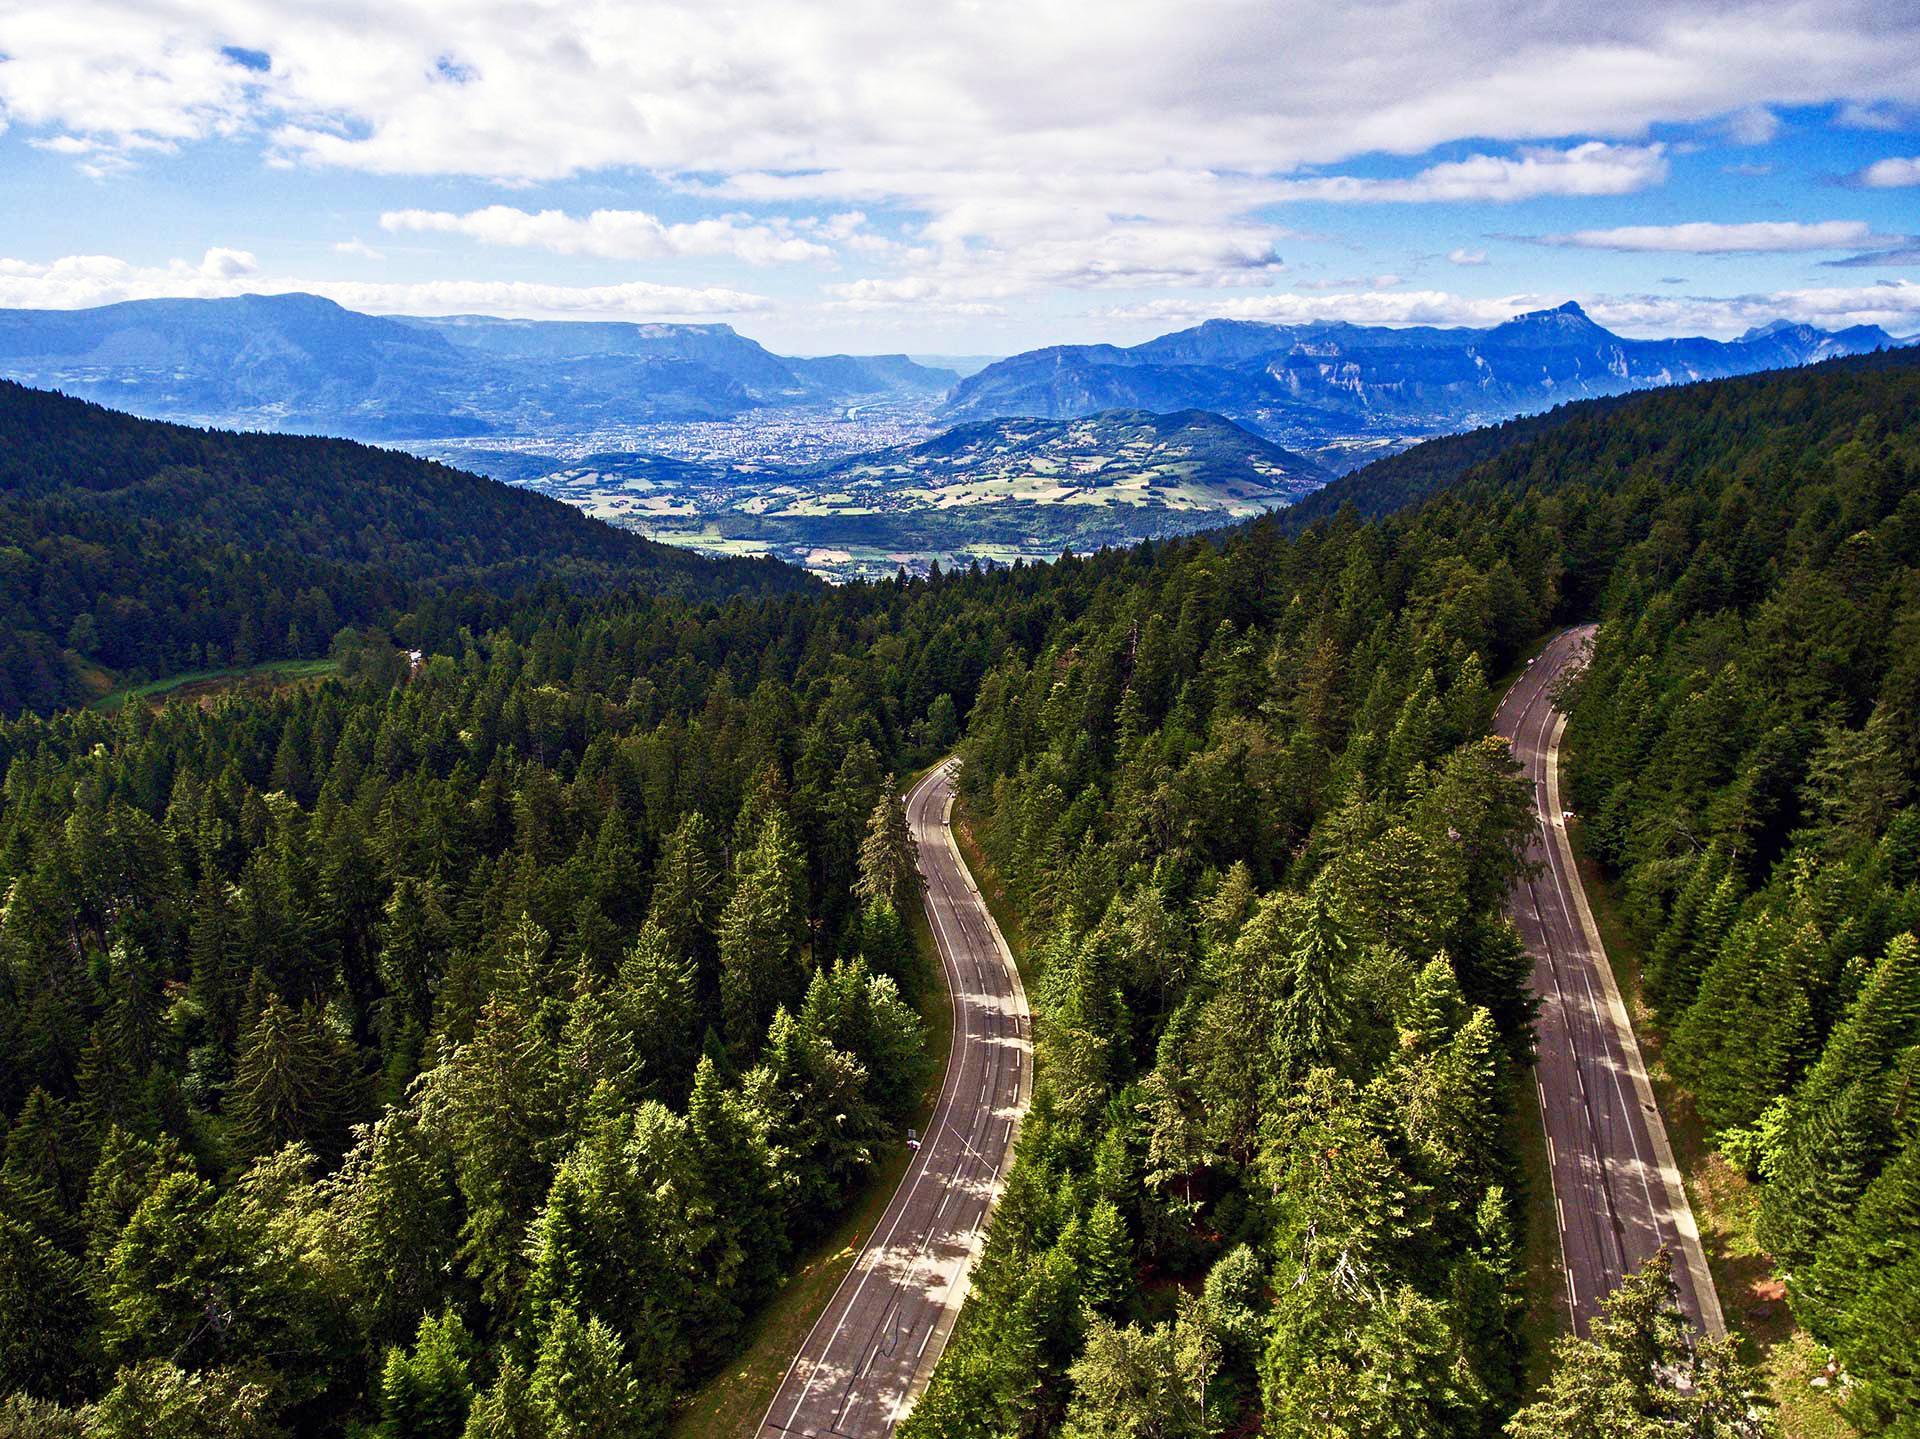 Chamrousse station accès route transport station été montagne isère alpes france - © Skyview drone